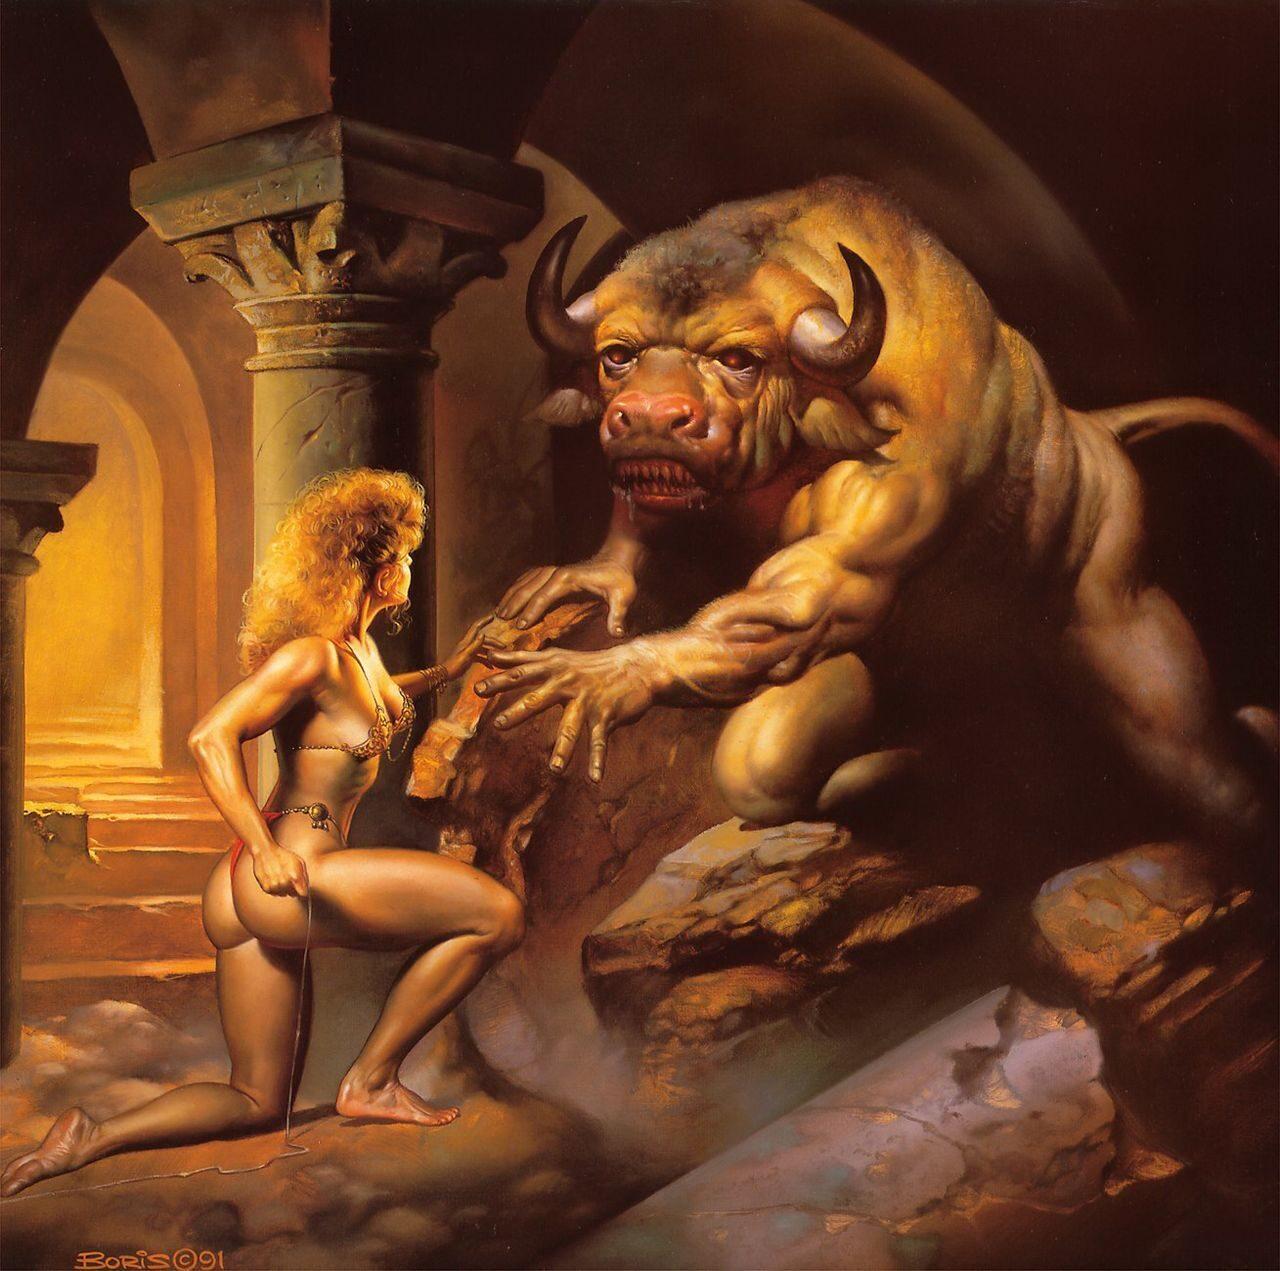 Minotaur x sex smut tube